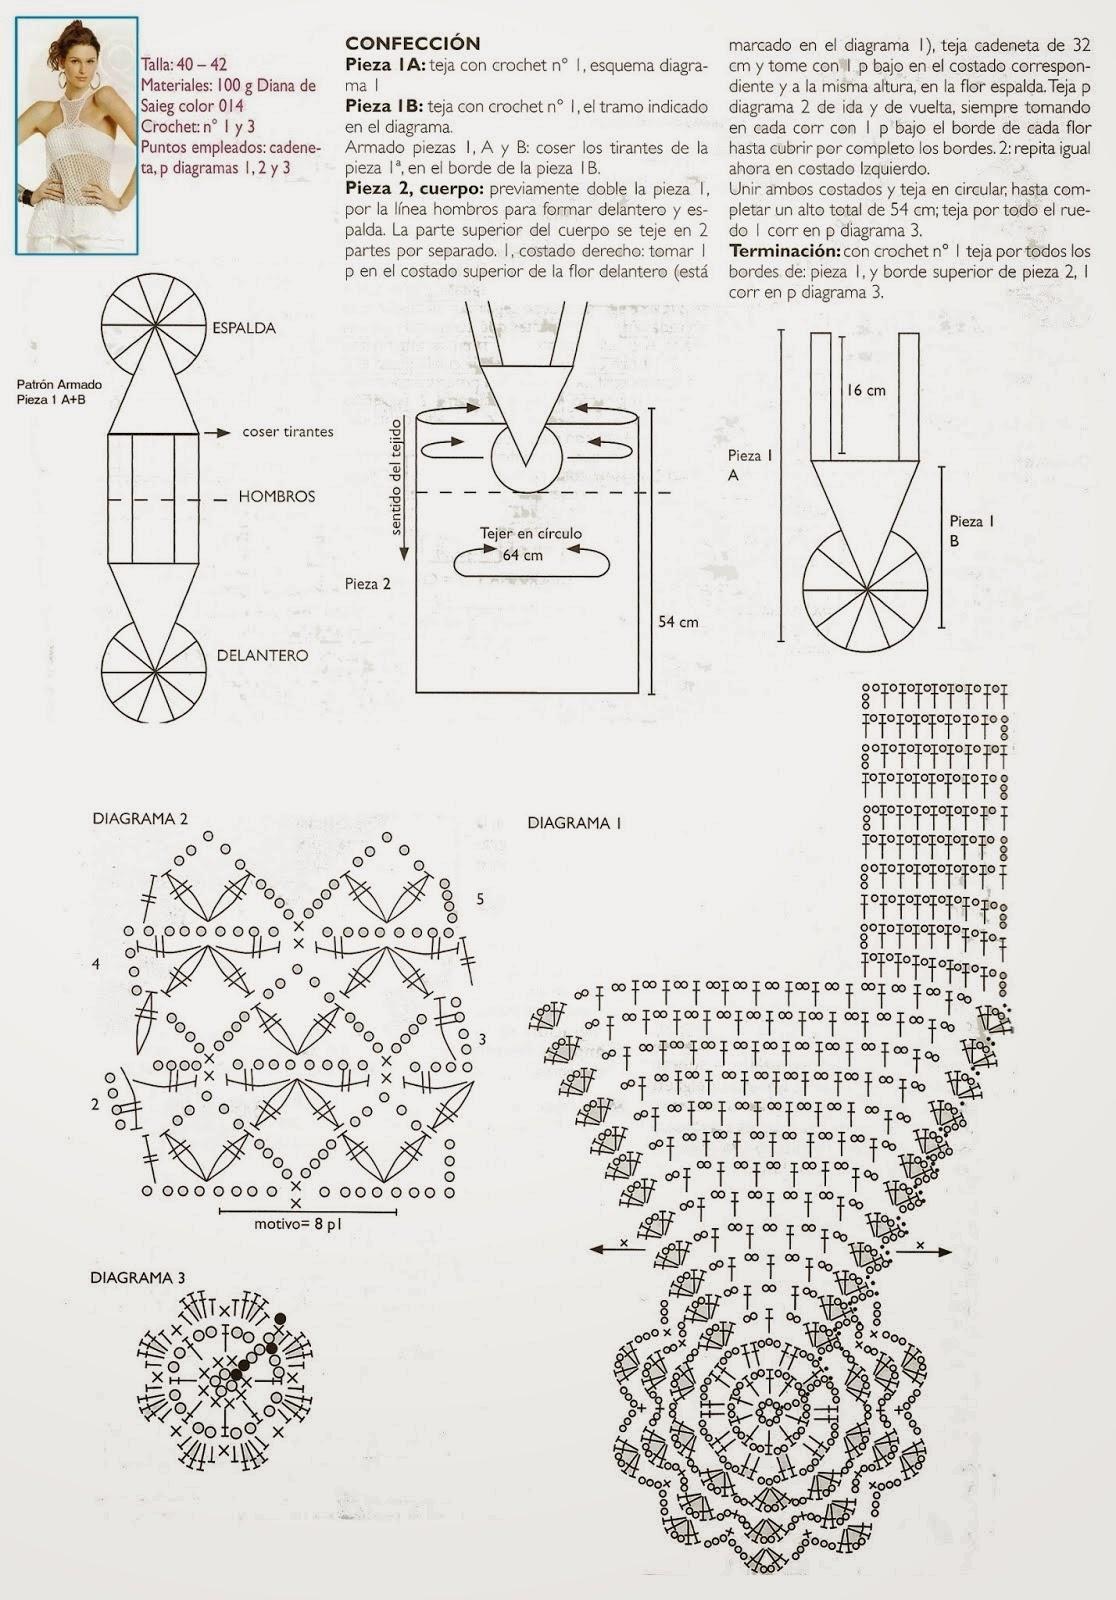 Dorable Damas Crochet Patrones De Tapas Bandera - Ideas de Patrones ...